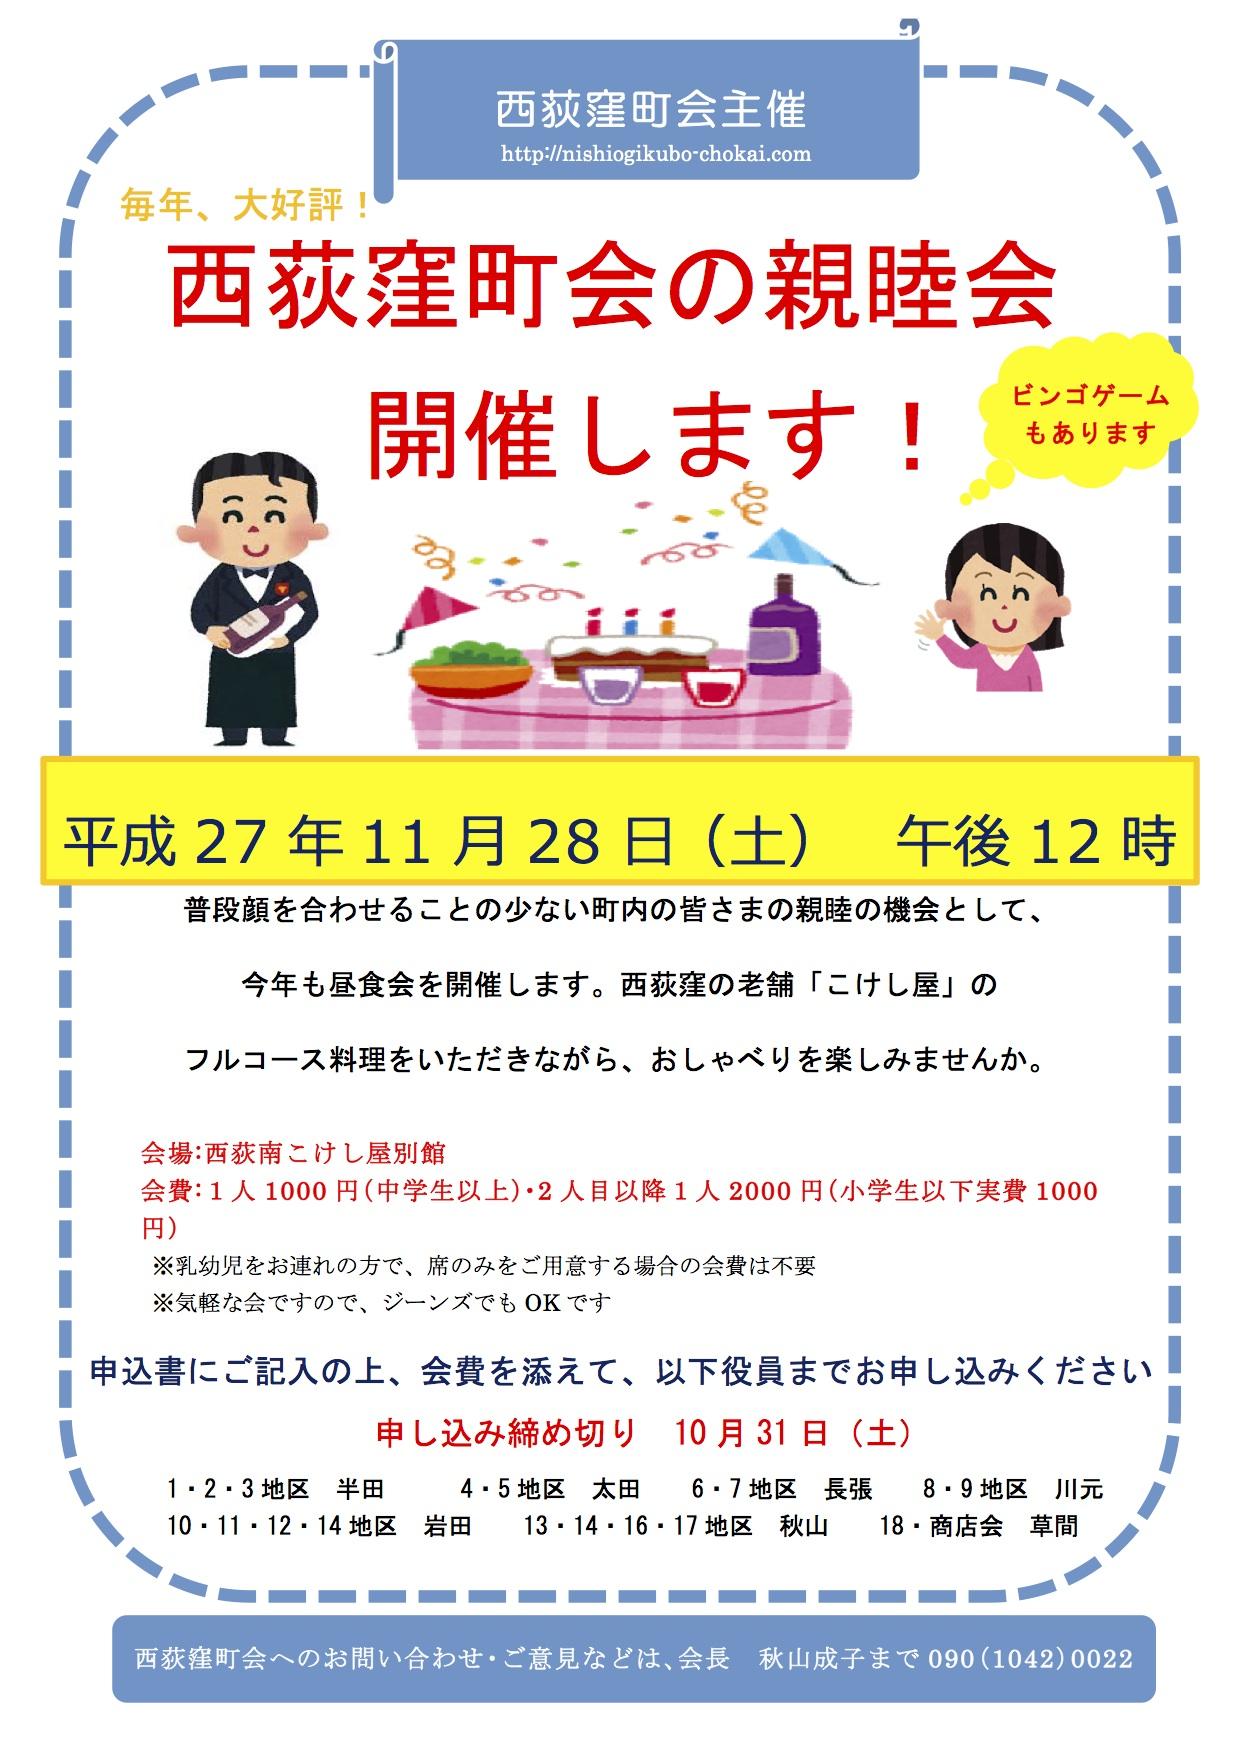 親睦会のお知らせ27.11.28